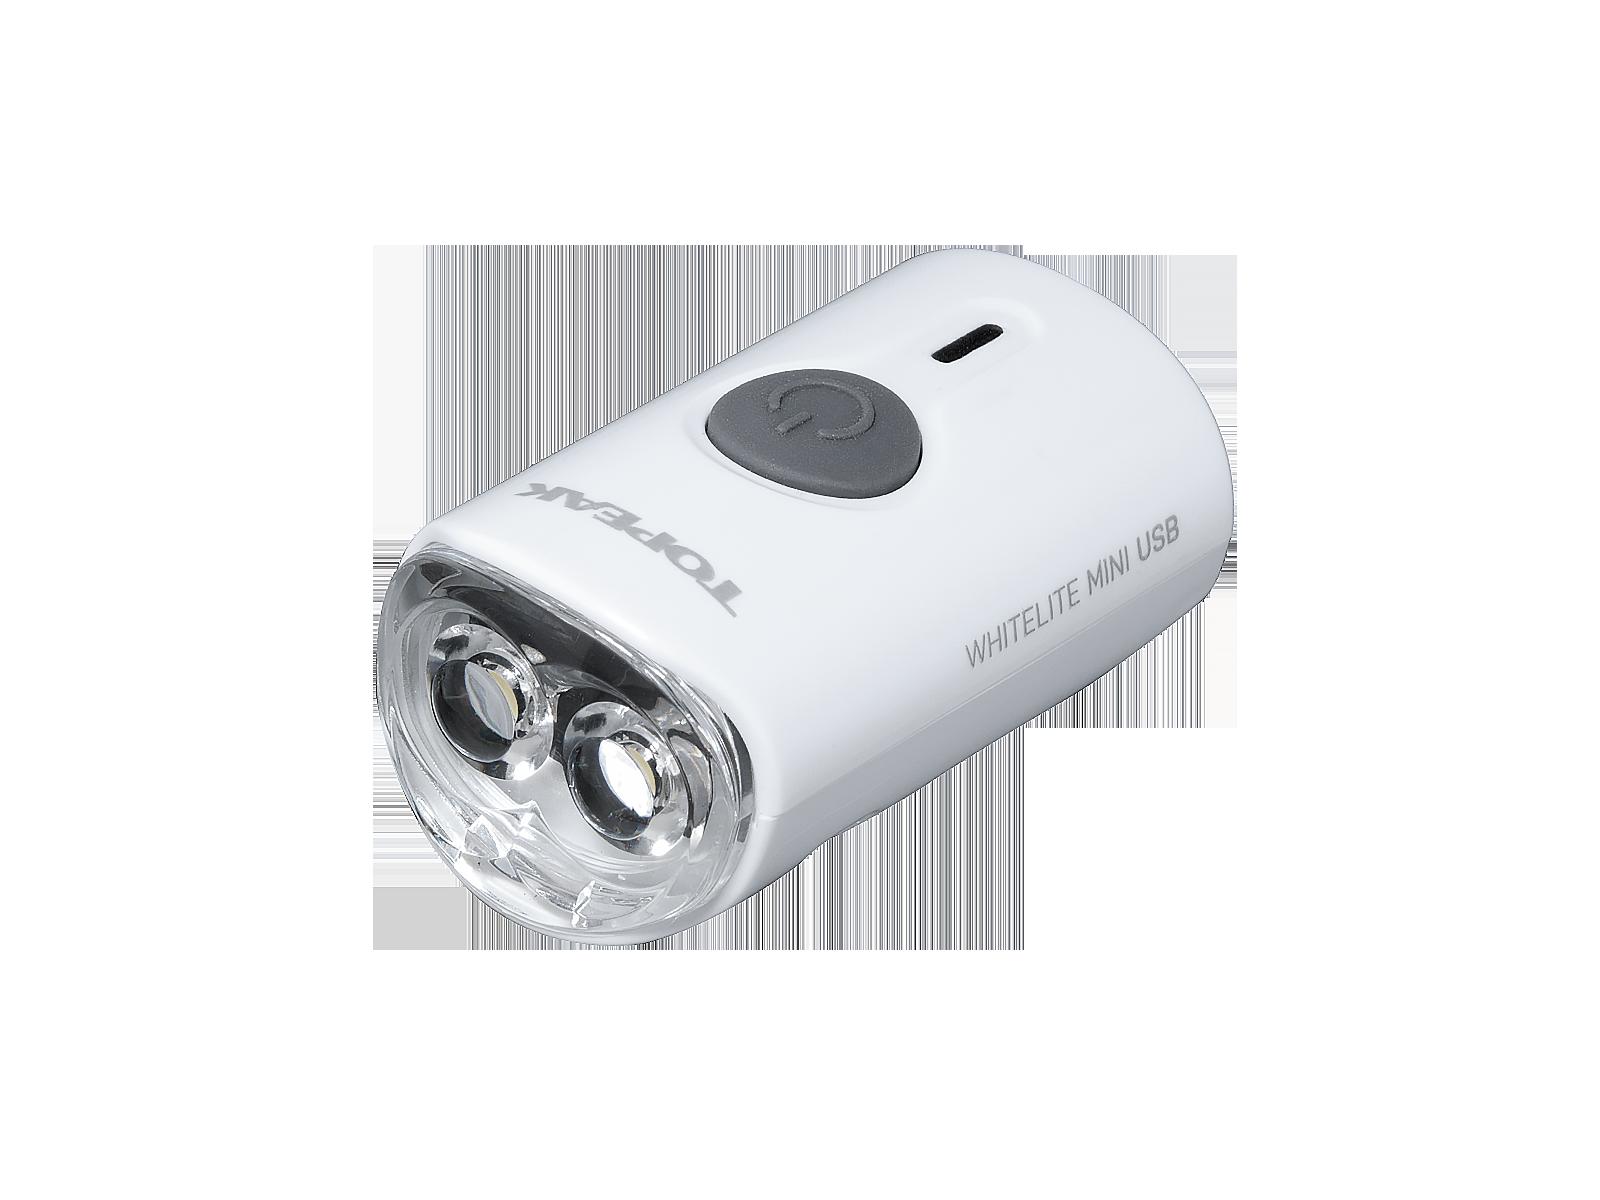 WHITELITE® MINI USB | Topeak